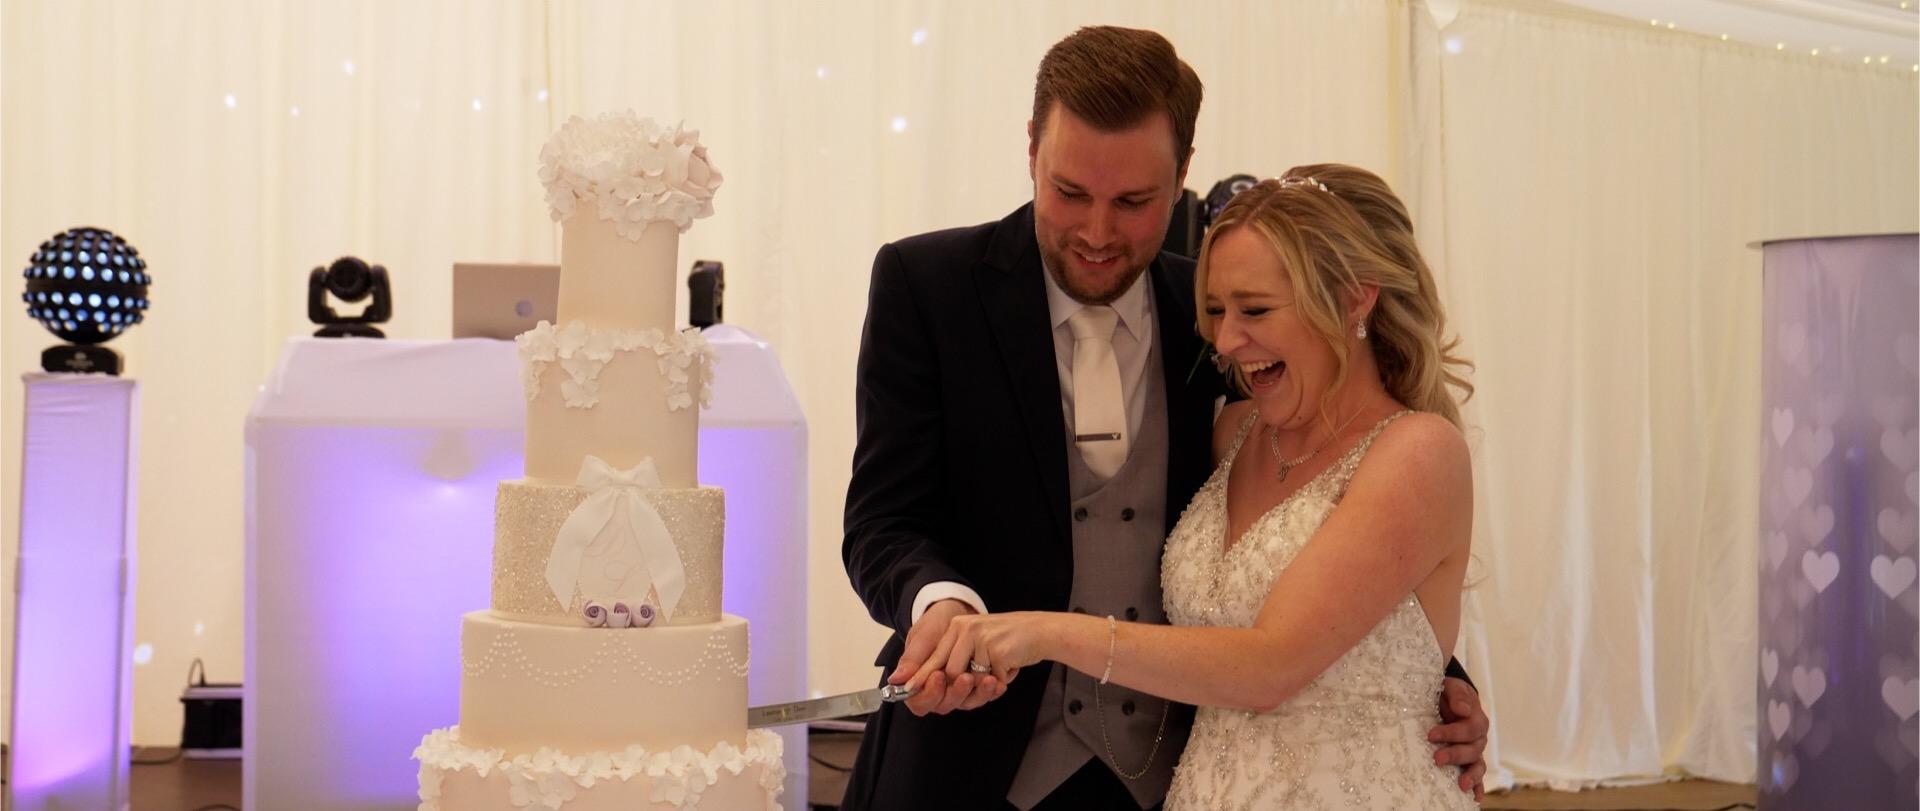 wedding cake video Essex weddings.jpg